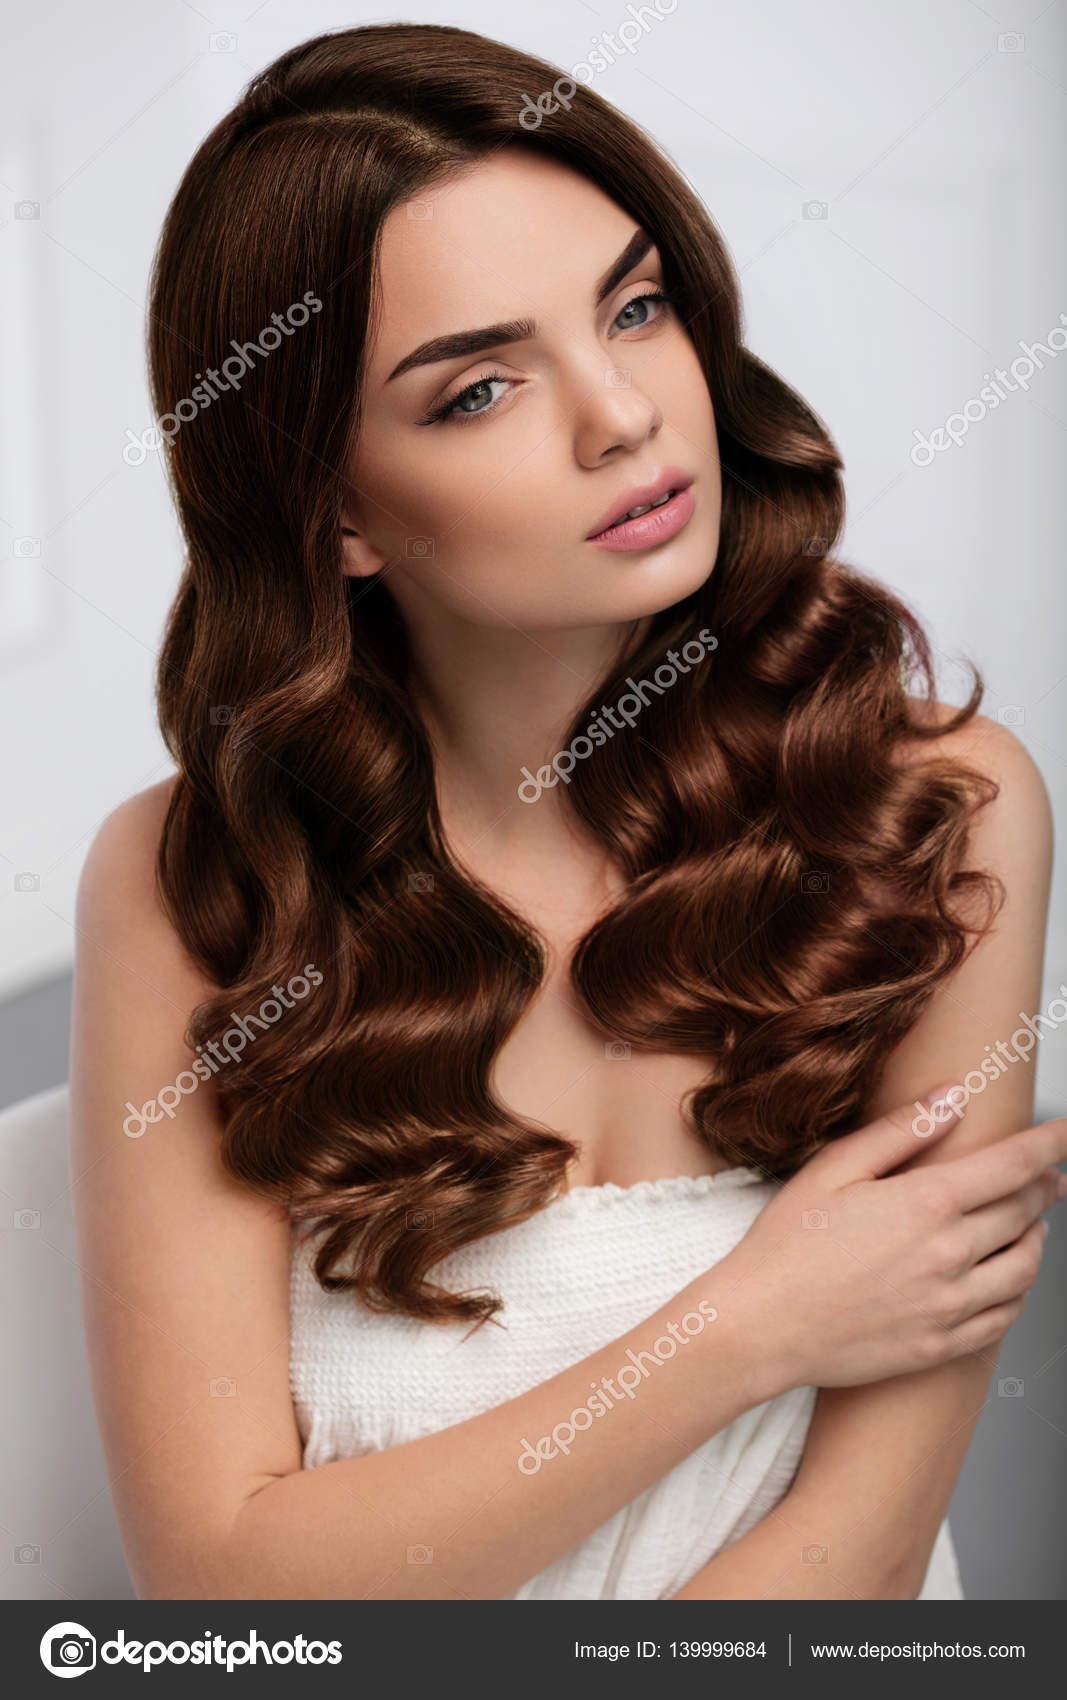 Peinado Ondulado Largo Estilo De Pelo Rizado Hermosa Mujer Modelo